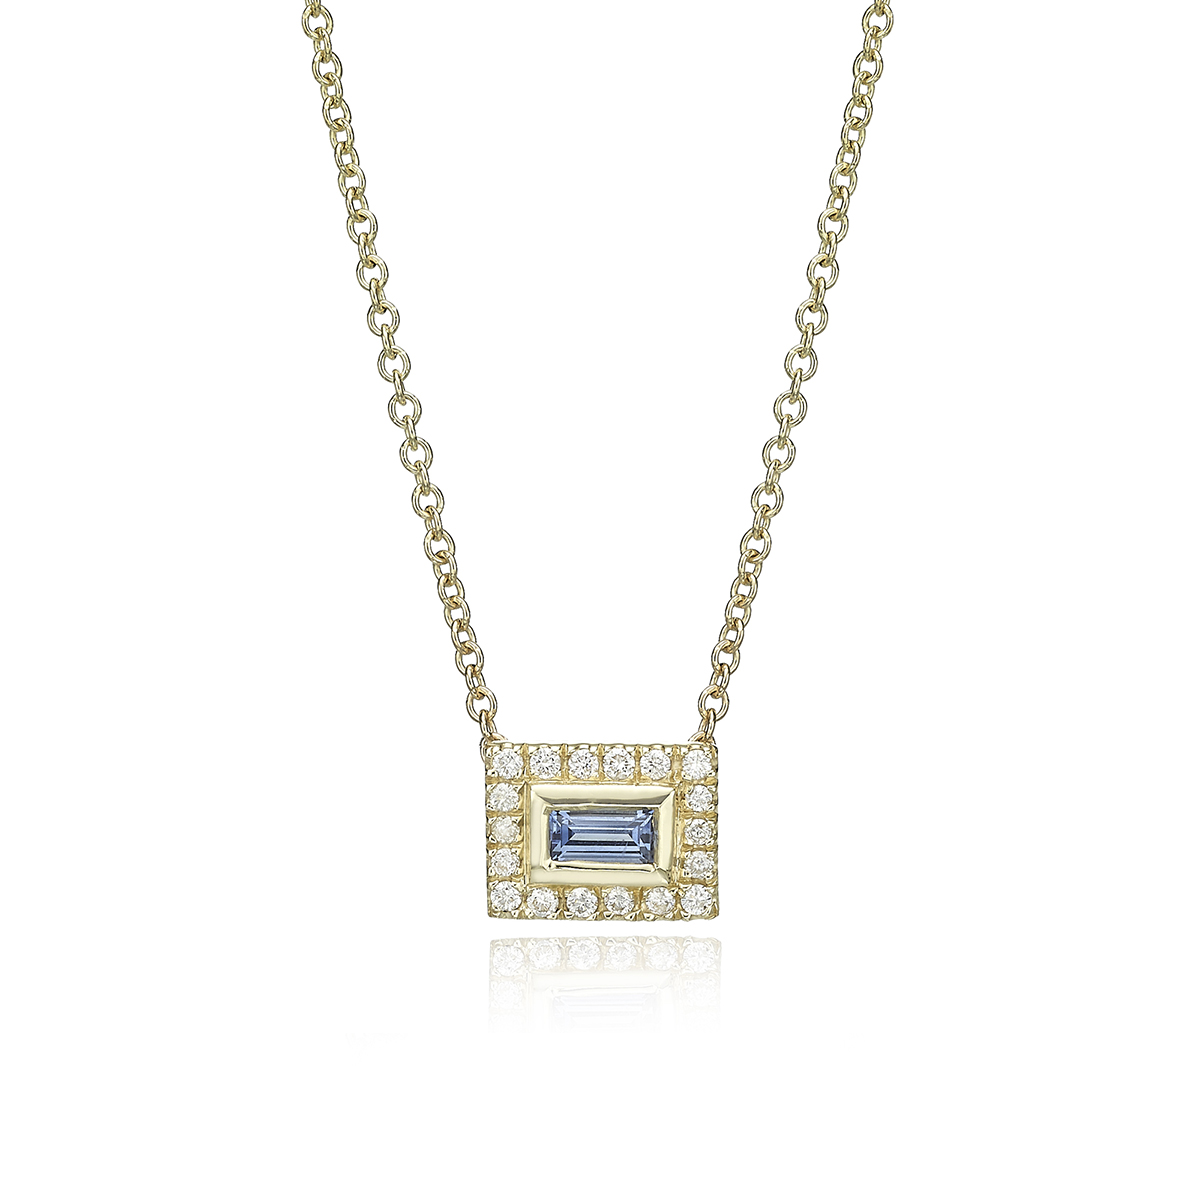 שרשרת זהב משבצת יהלומים וספיר בחיתוך בגט